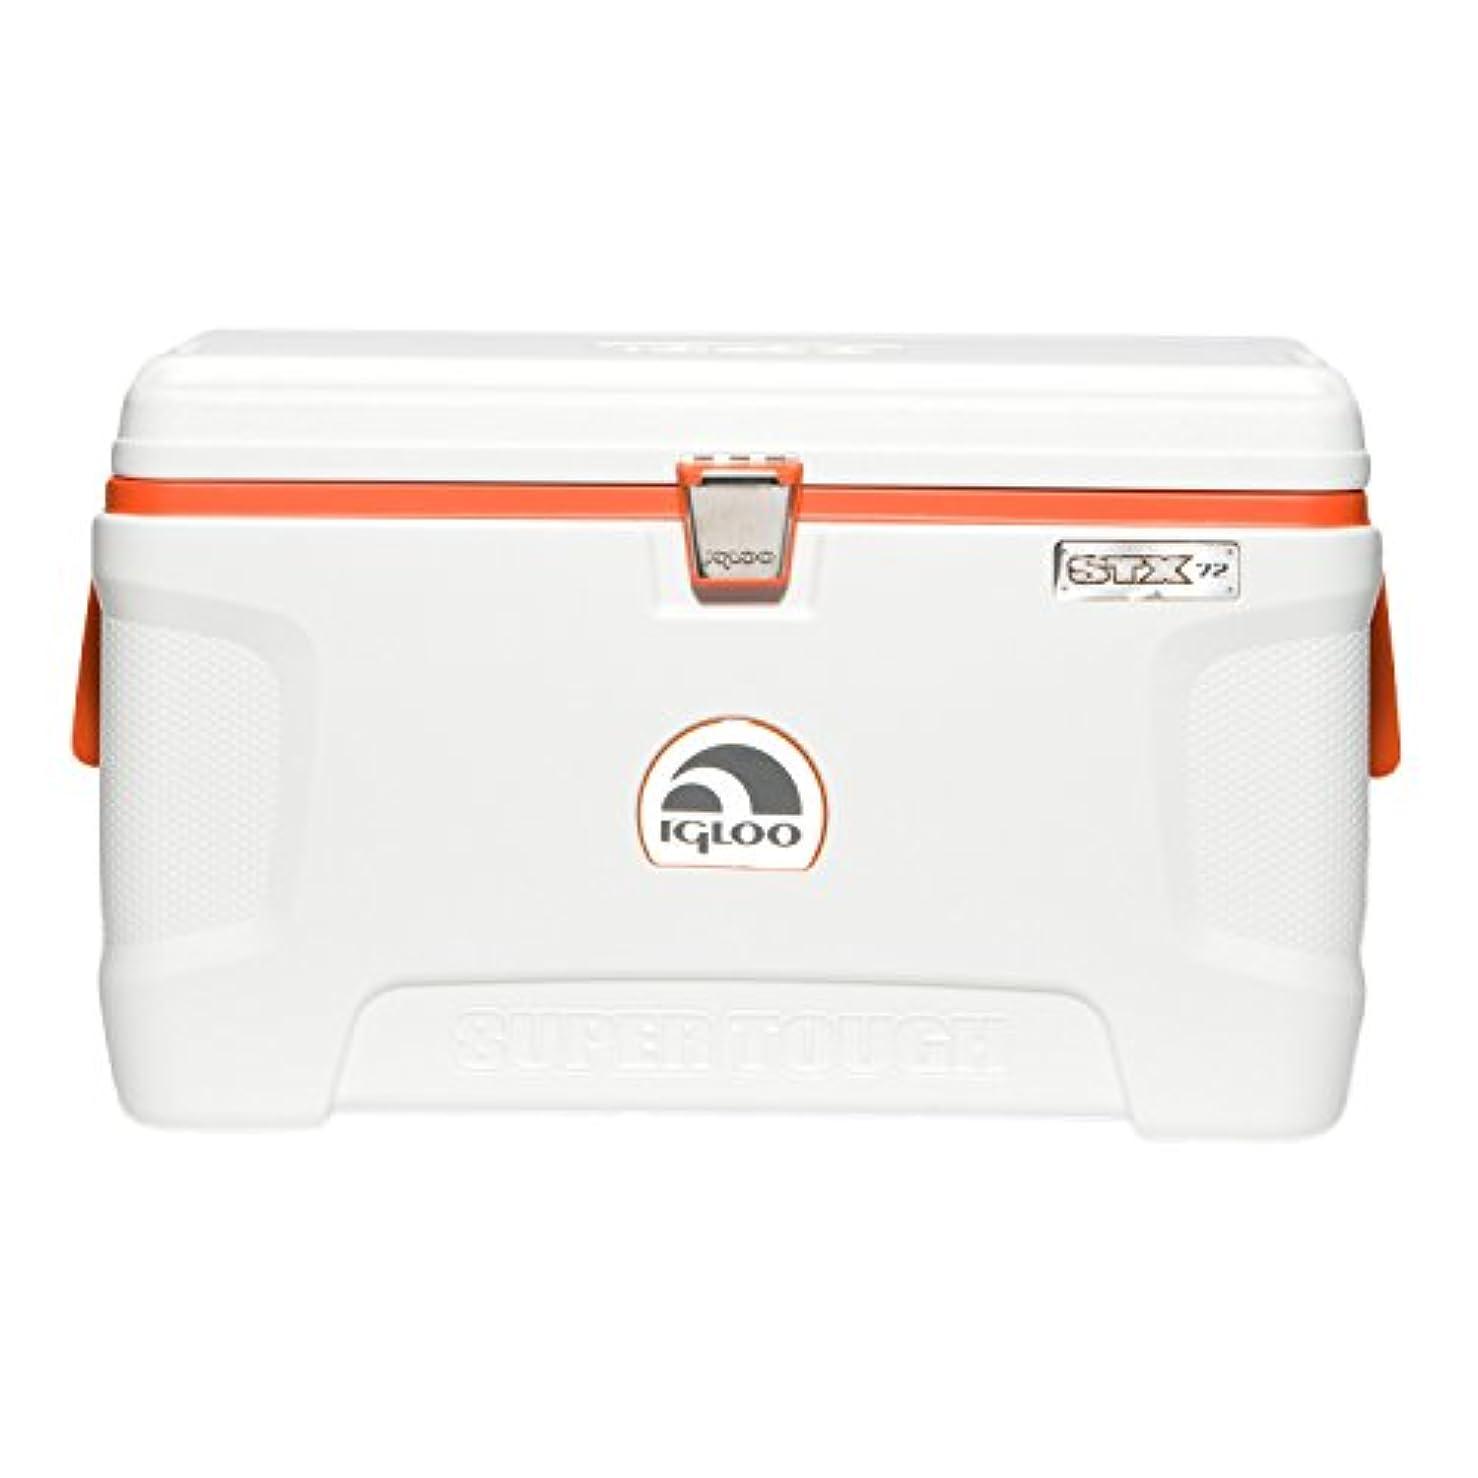 多様性調べるドットigloo(イグルー) スーパータフ 72 STX (68L) ホワイト/オレンジ #44950